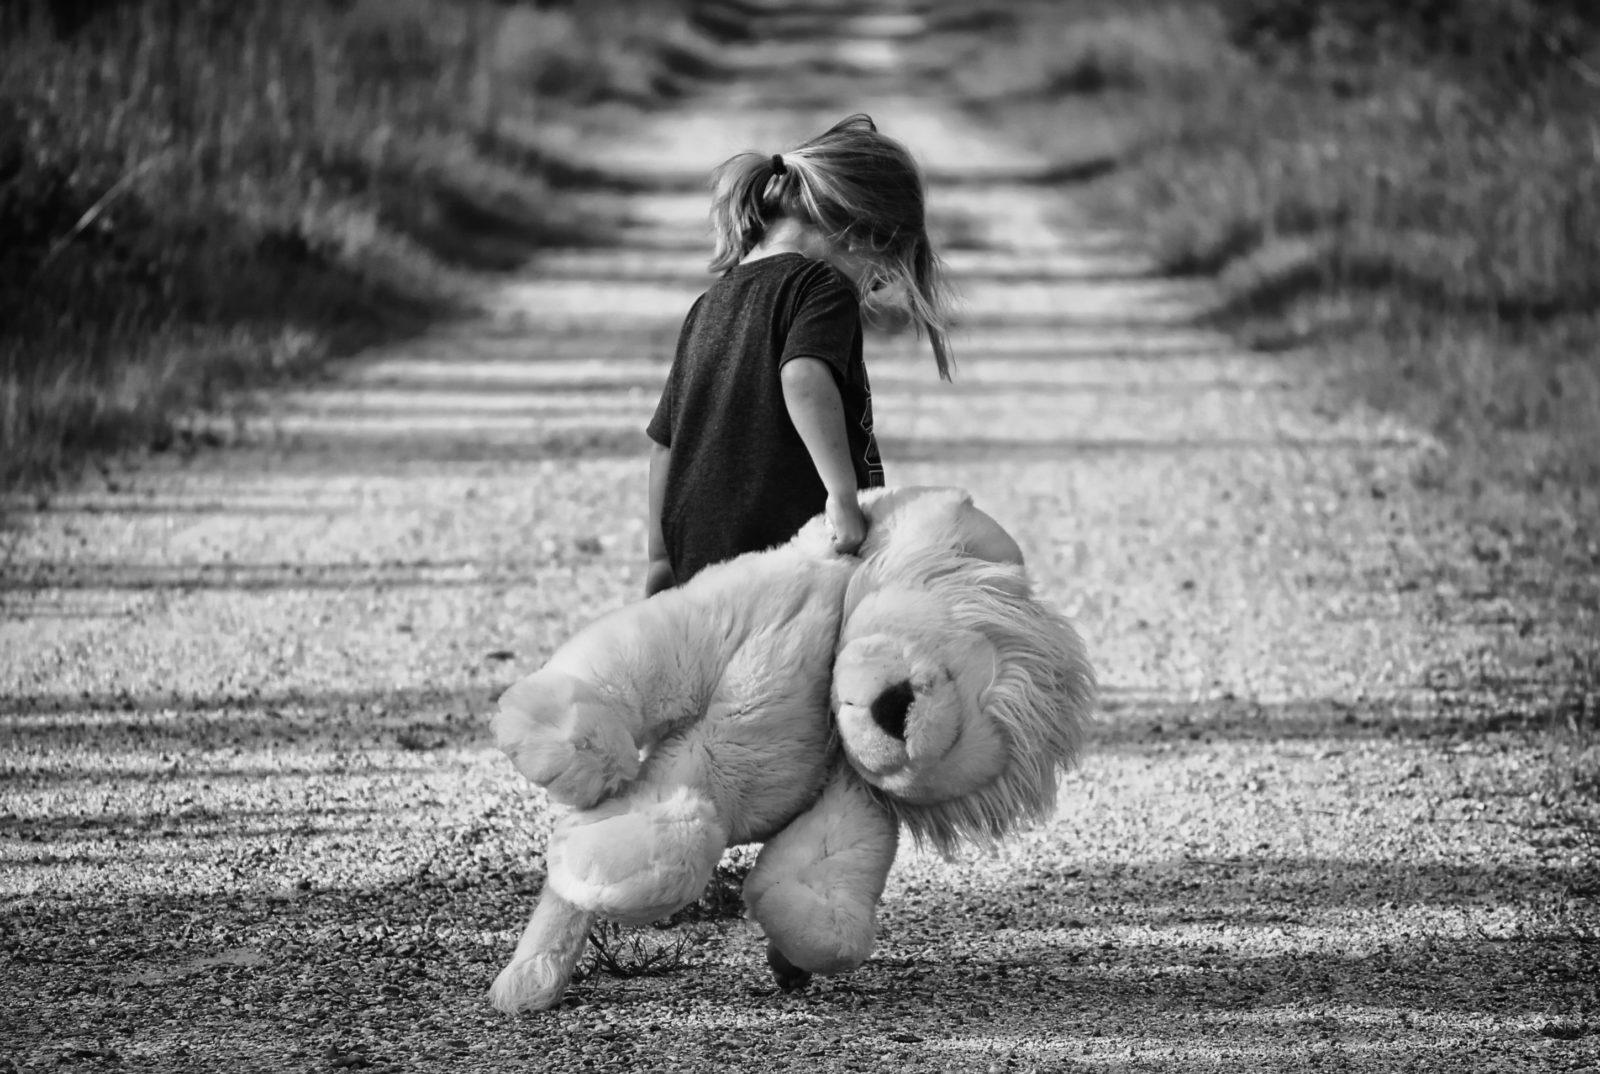 Petite fille marchant seule, tête baissée, en soulevant derrière elle un lion en peluche.